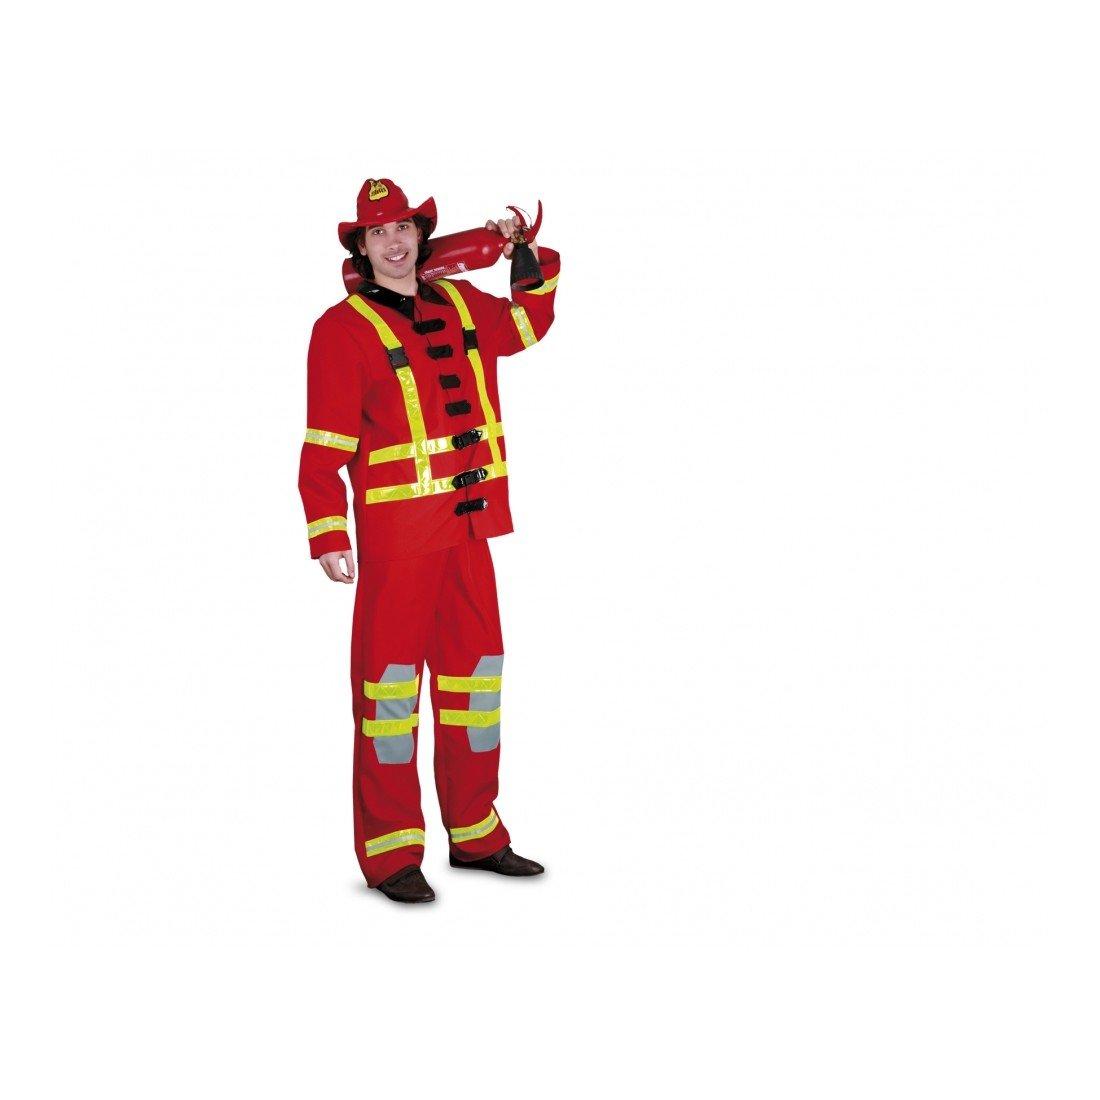 Disfraz de Bombero para hombre (talla U): Amazon.es: Juguetes y juegos